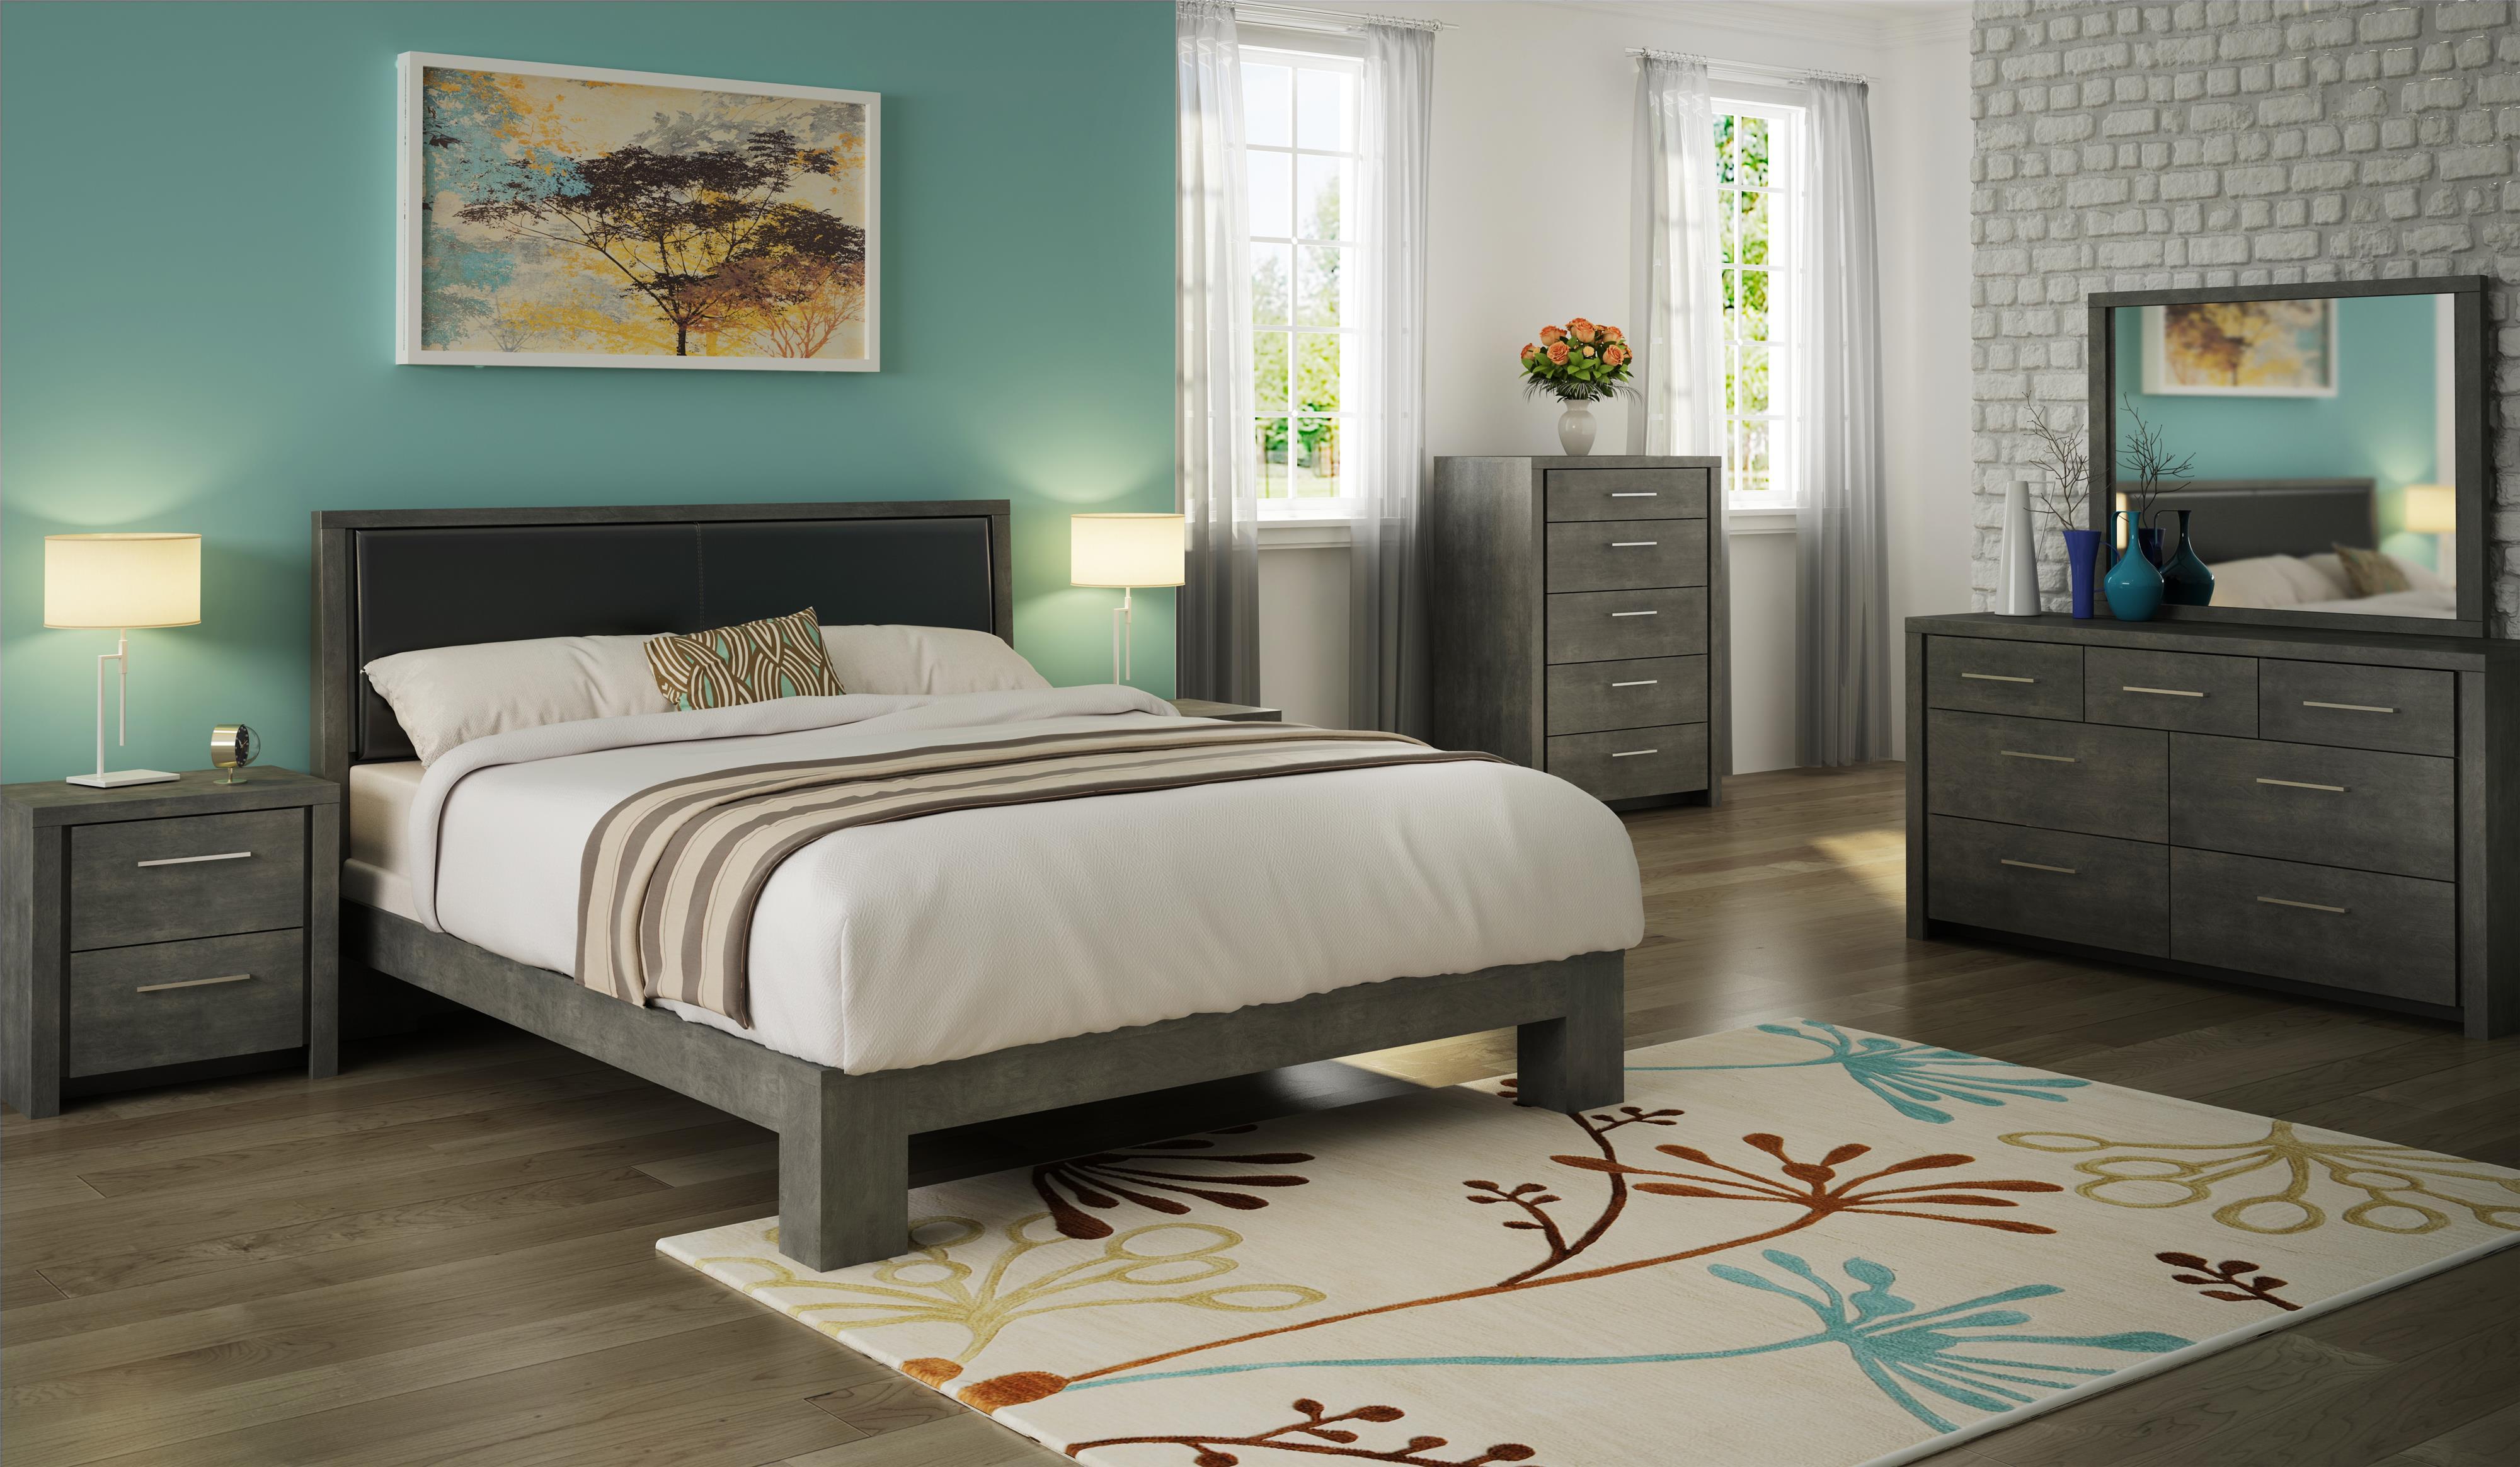 Defehr Cordoba King Platform Bed With Upholstered